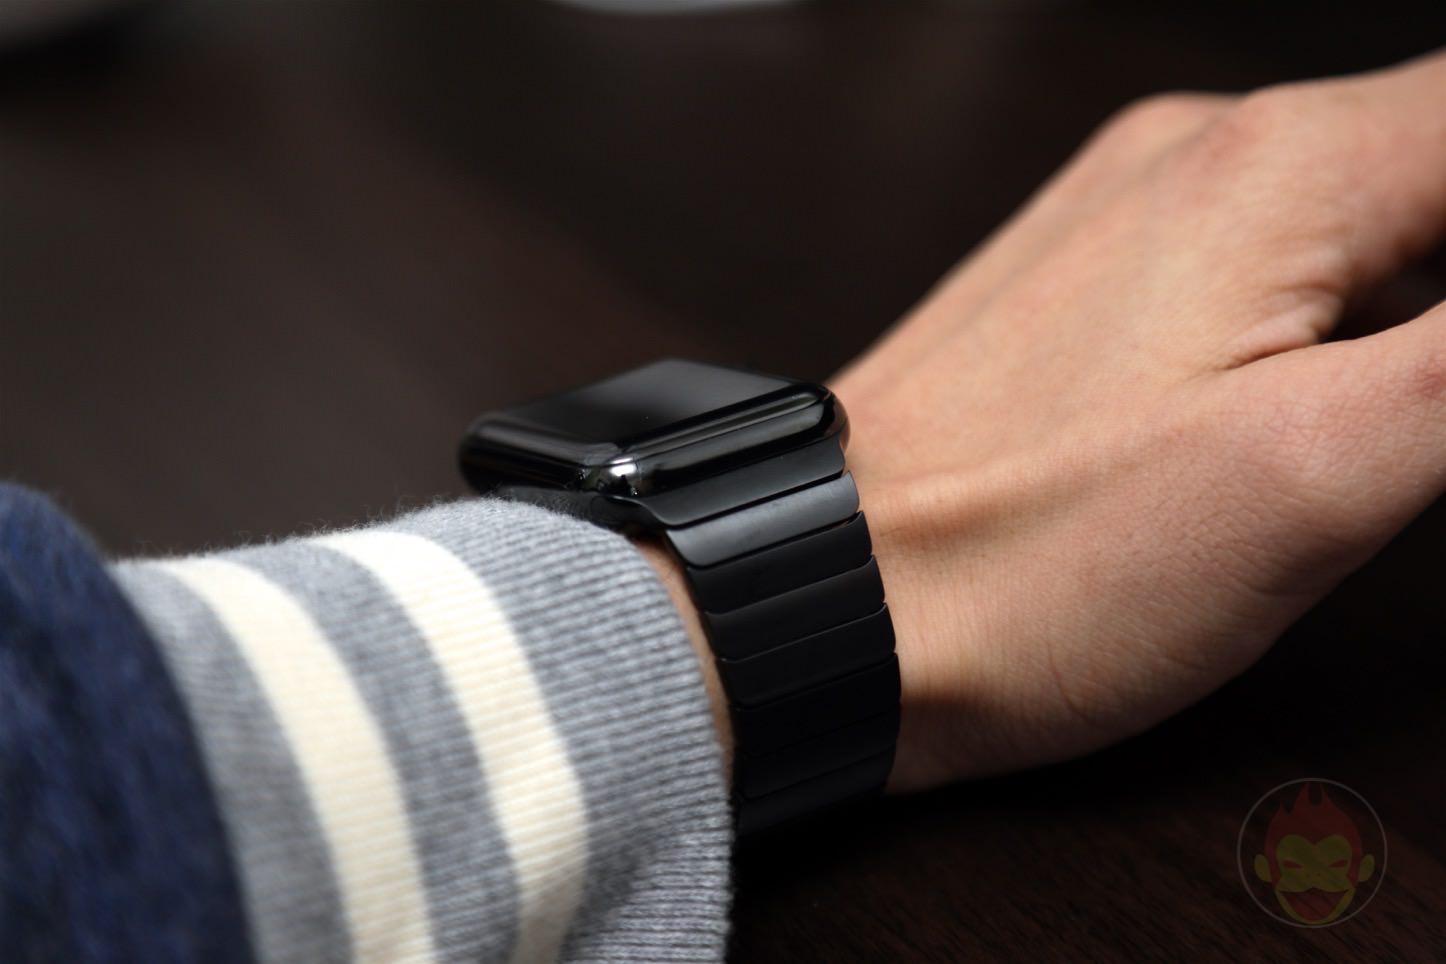 Using-Apple-Link-Bracelet-Black-05.jpg